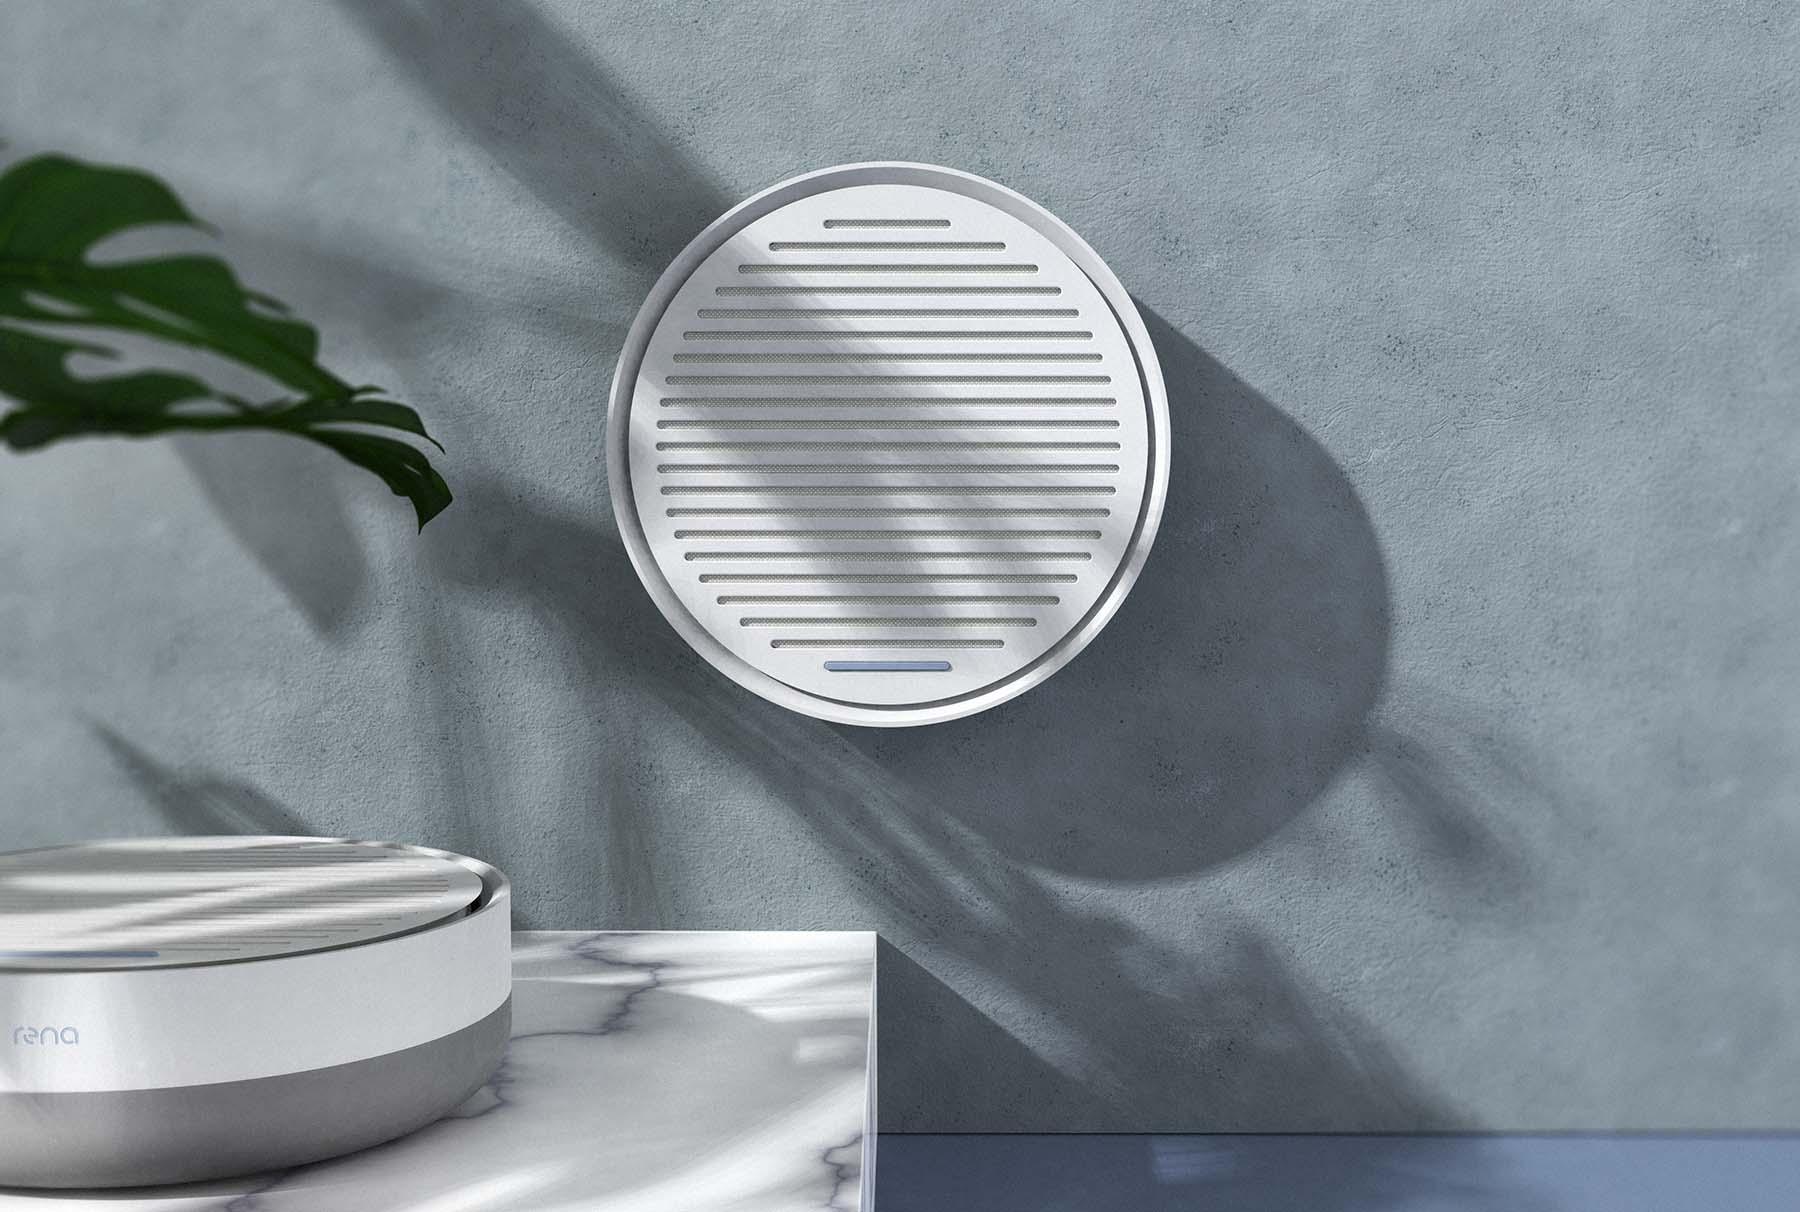 rena-luft-design-gestaltung-interior-designagentur